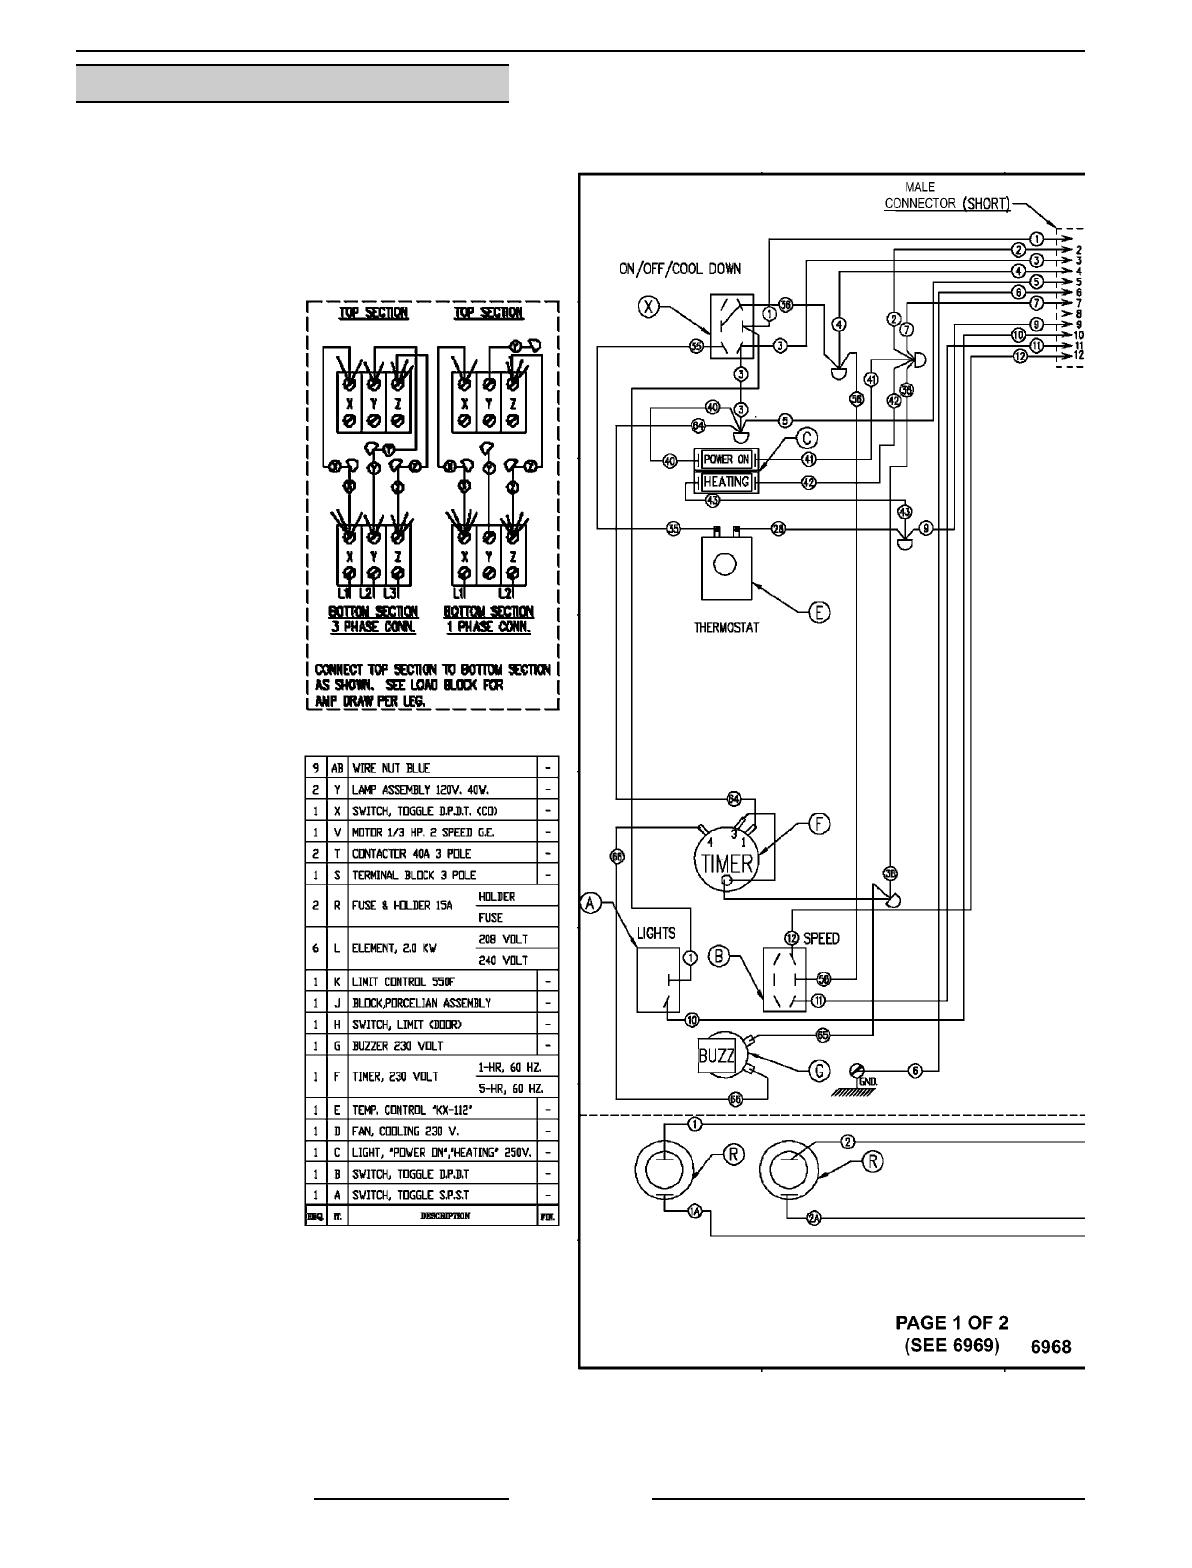 0817ac3c 3137 4604 9f9b 78b6d15f93e9 bg2c?resize\\\\\\\\\\\\\\\\\\\\\\\\\\\\\\\=665%2C875 ge appliances wiring diagram ge motor wiring diagram, ge dryer ge dryer motor wiring diagram at eliteediting.co